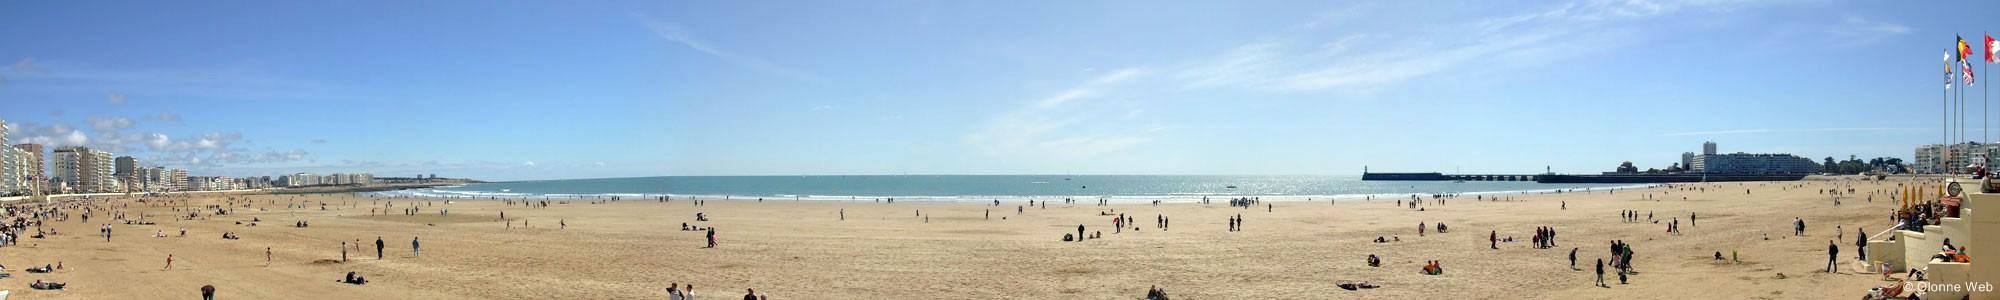 les-sables-d-olonne-2